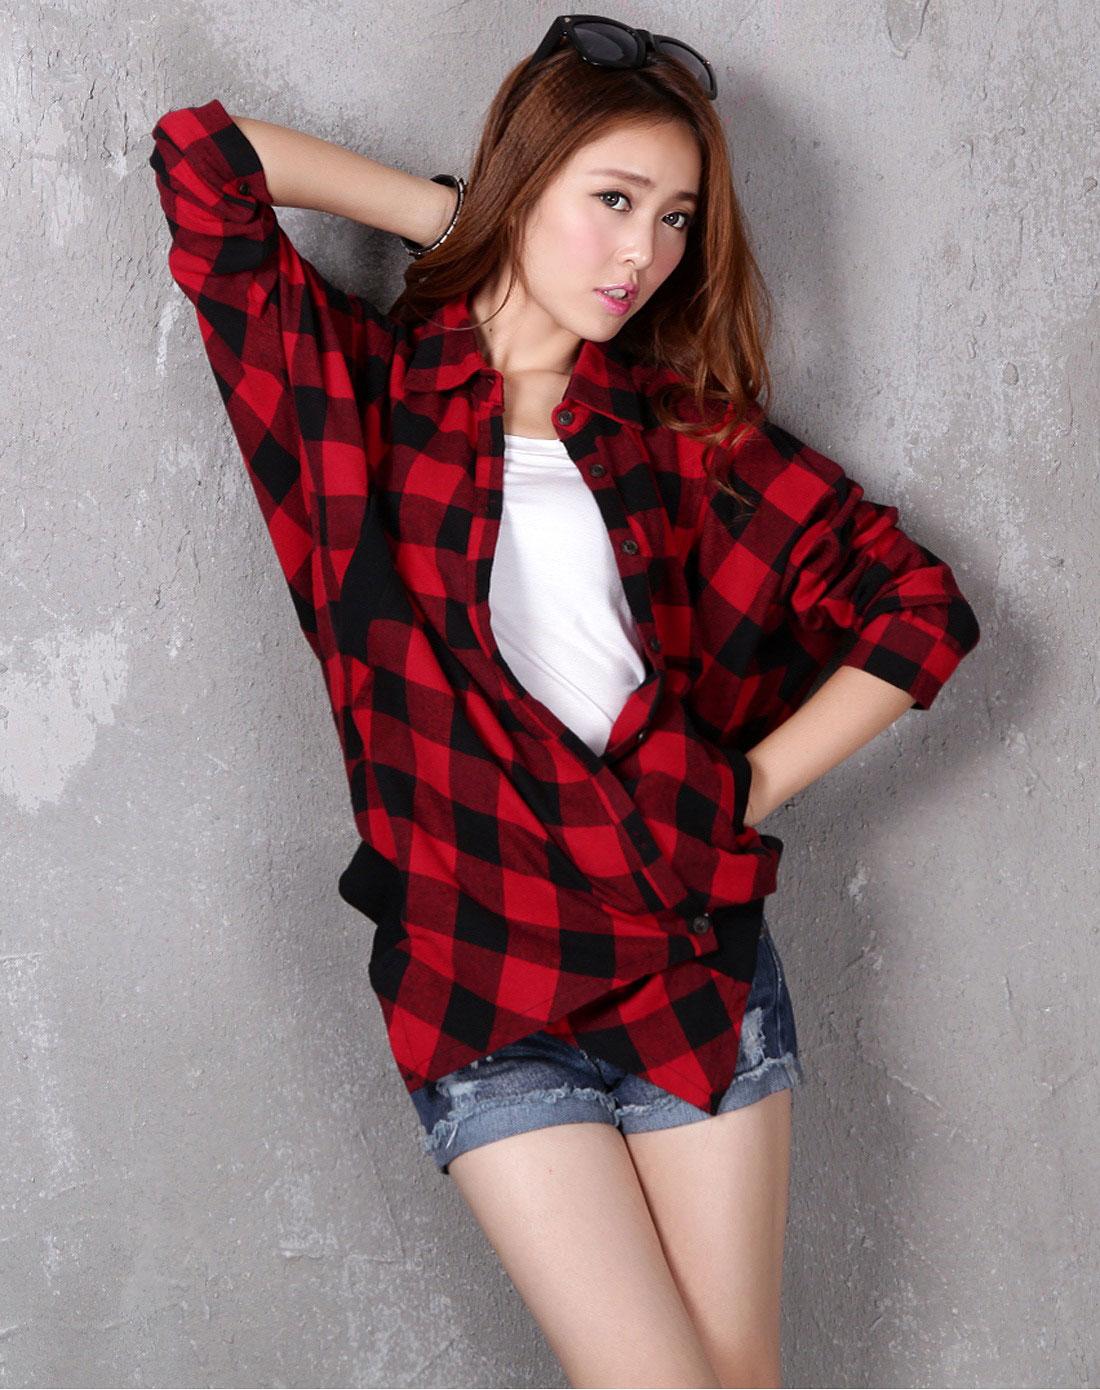 红格子衬衫搭配牛仔短裤